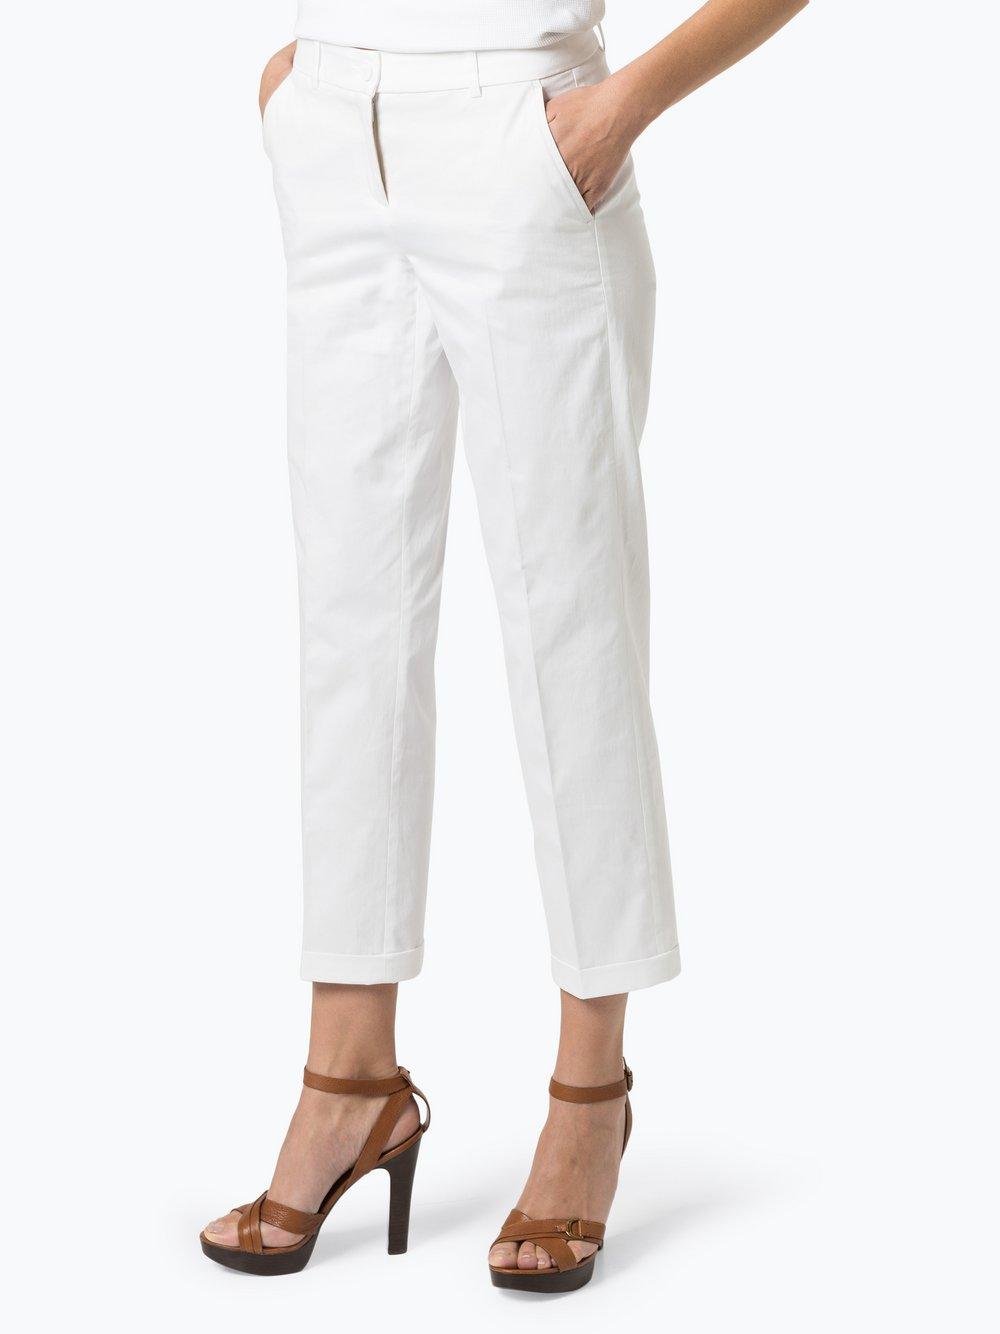 Cambio - Spodnie damskie – Ginger, biały